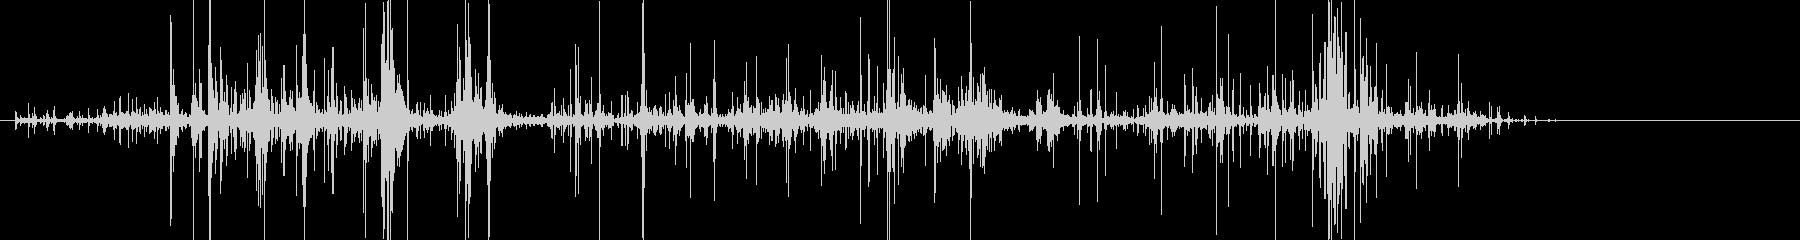 メリメリと引き千切る音の未再生の波形